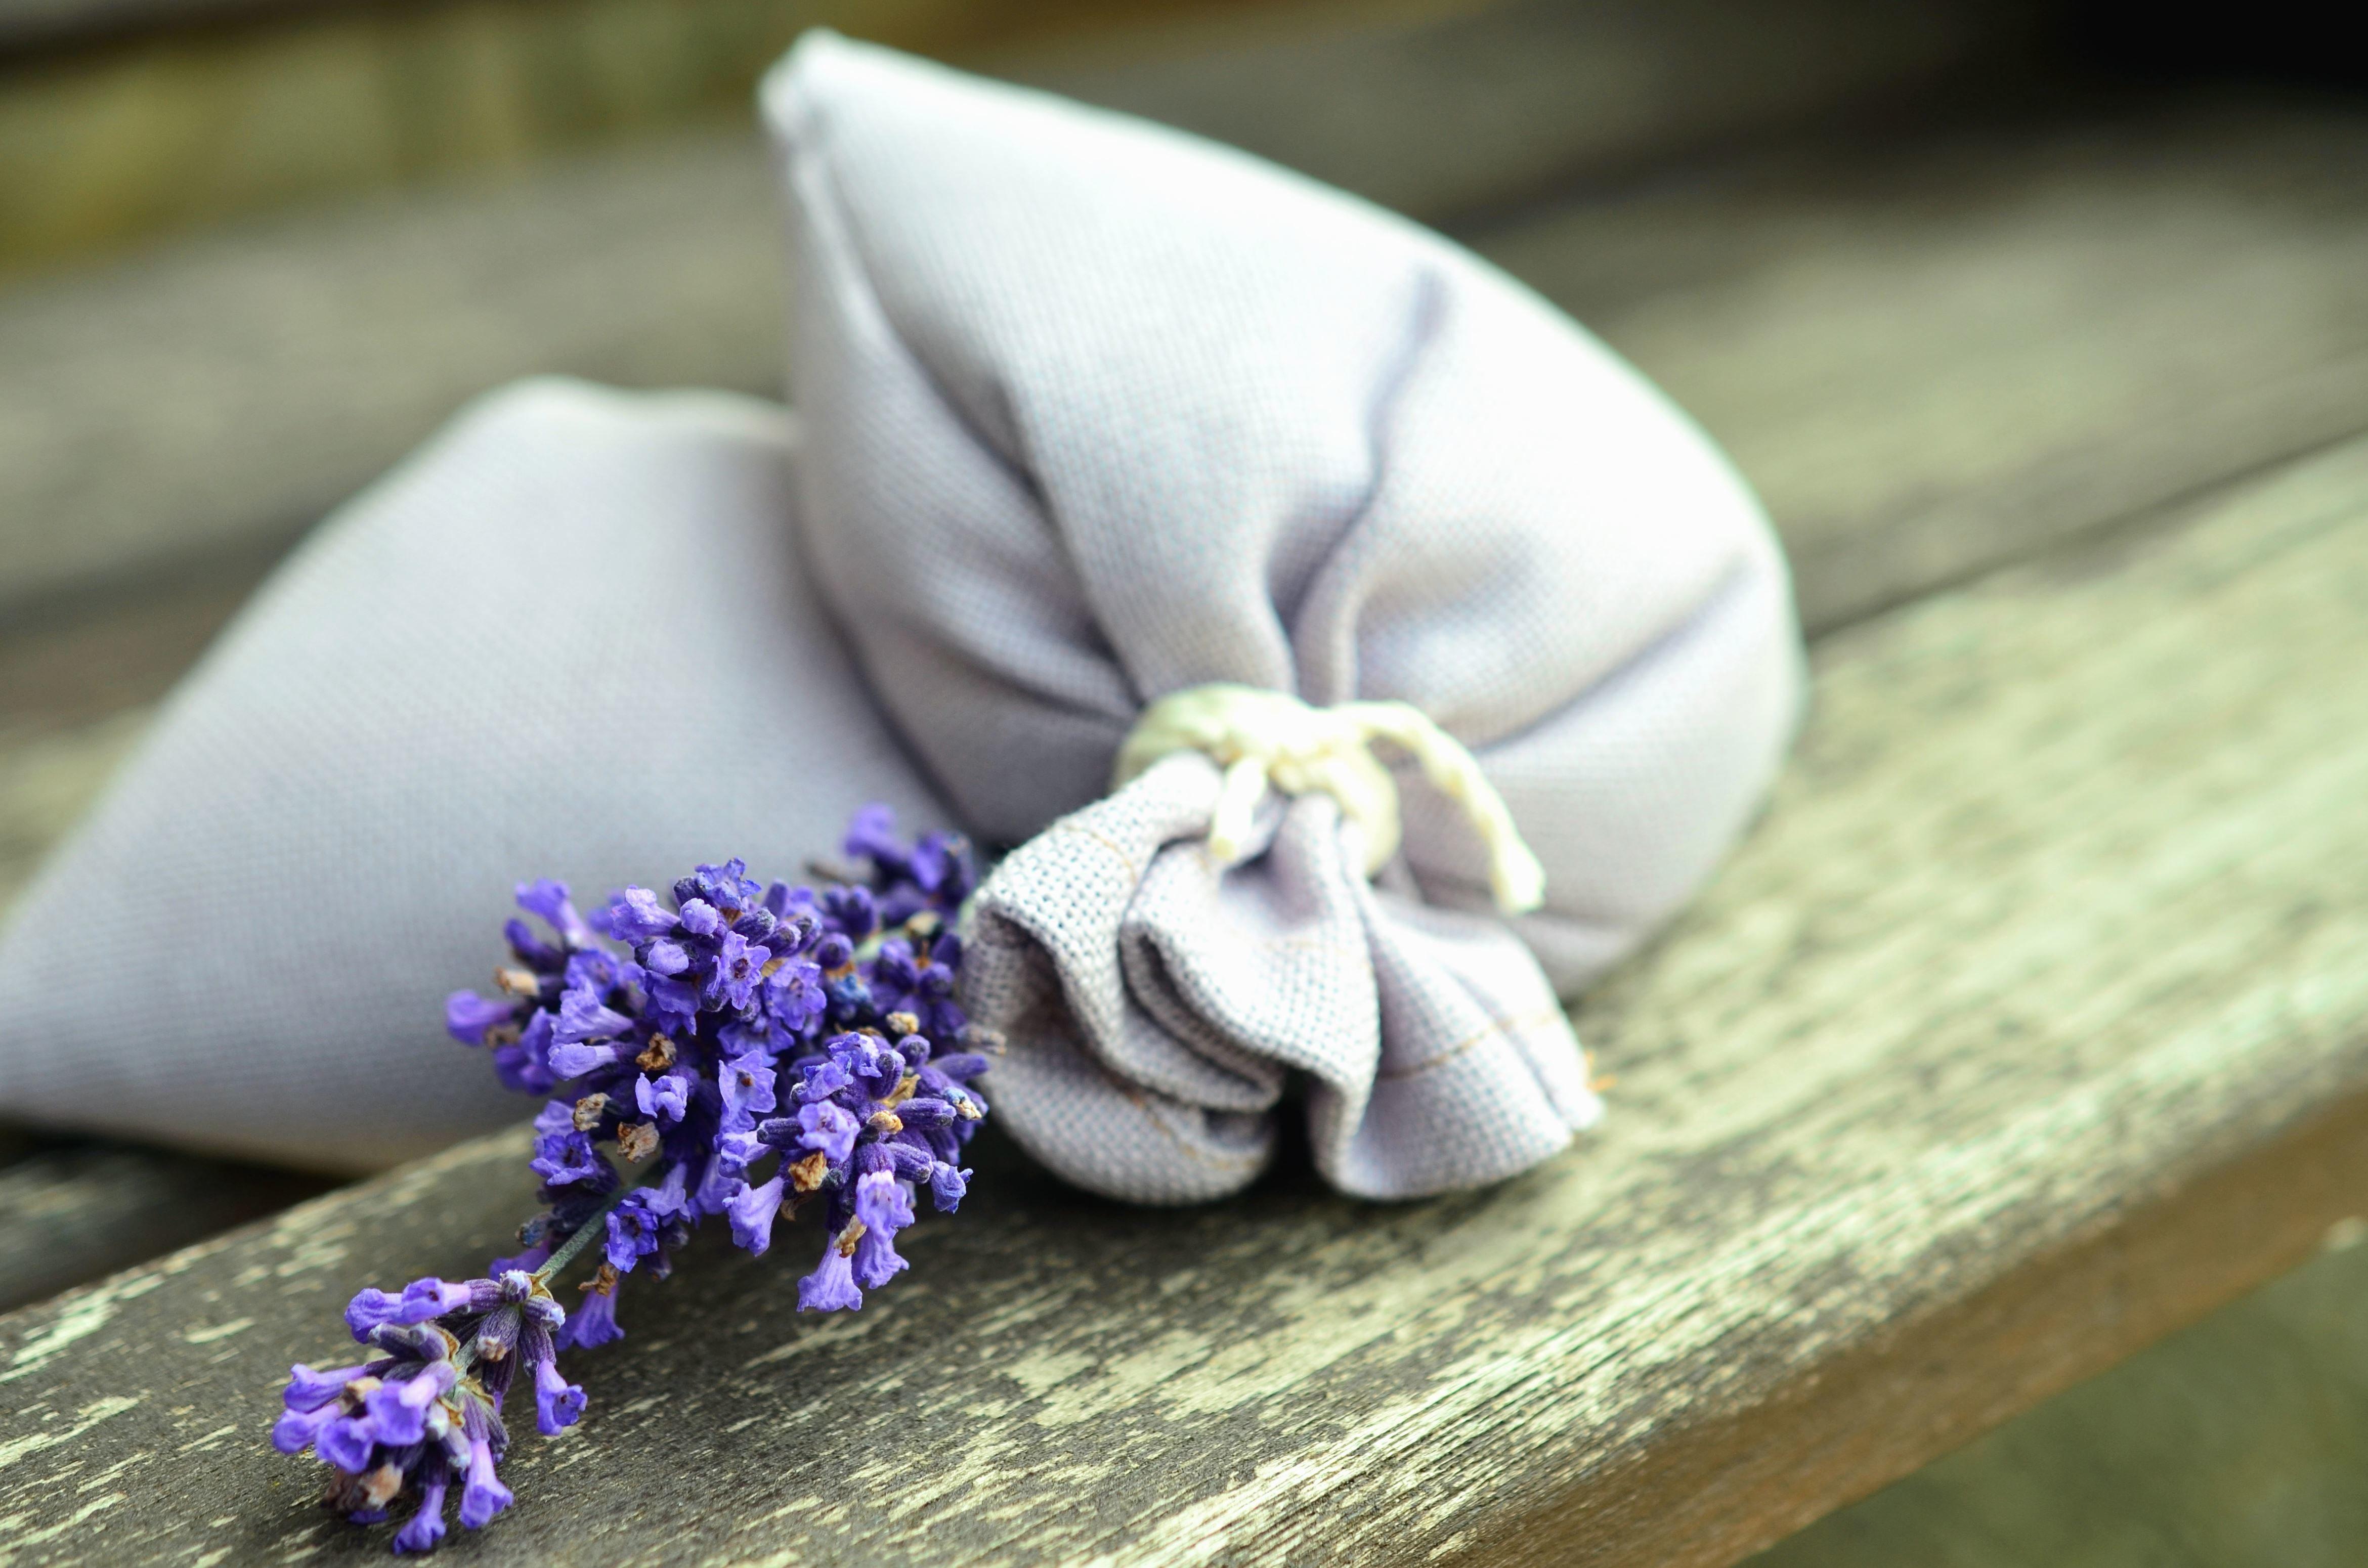 kostenlose bild lavendel stoff tasche holz aroma. Black Bedroom Furniture Sets. Home Design Ideas